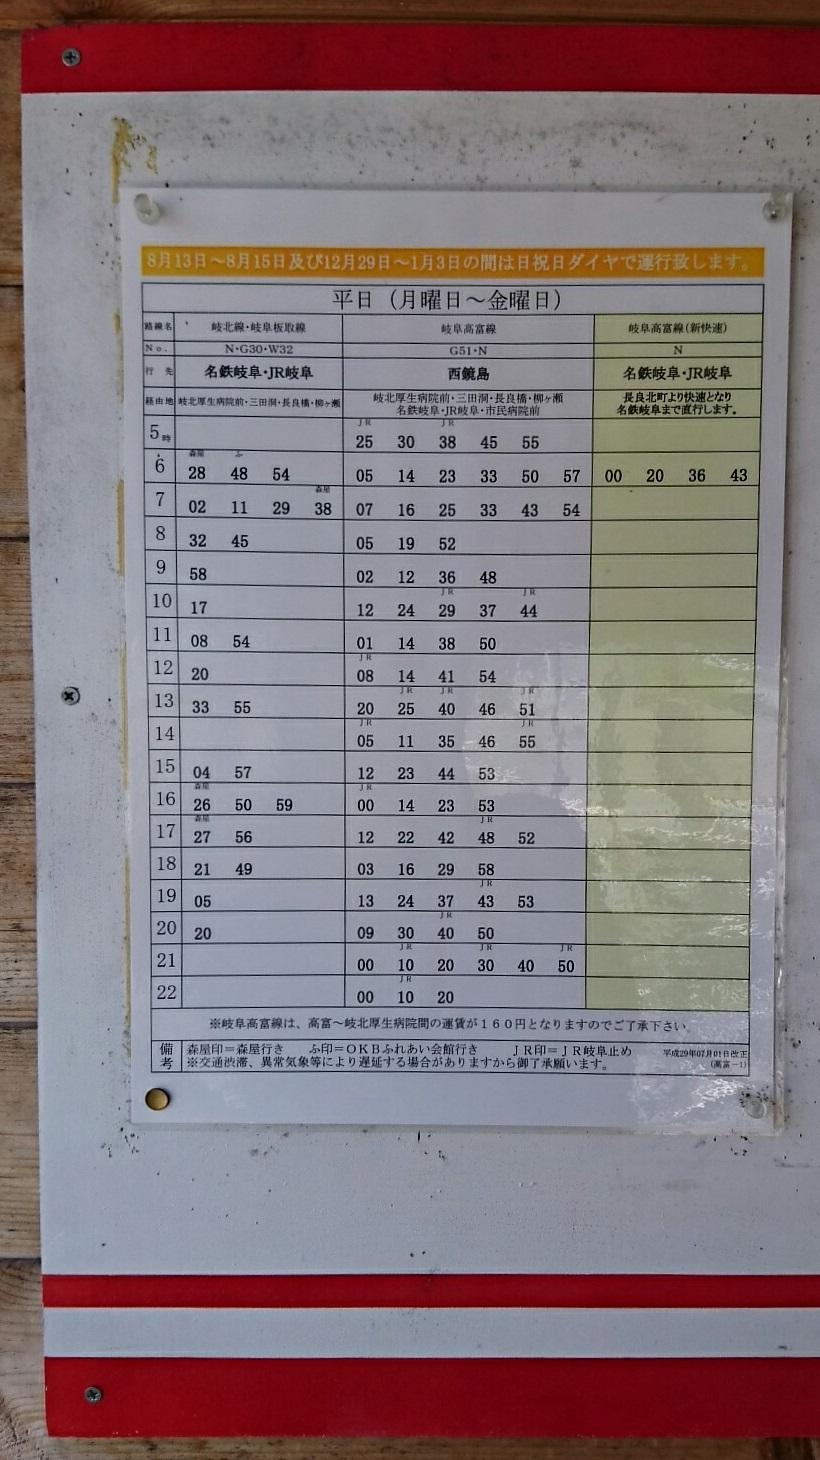 2018.6.1 岐阜 (64) 高富バス停 - 時刻表 820-1460